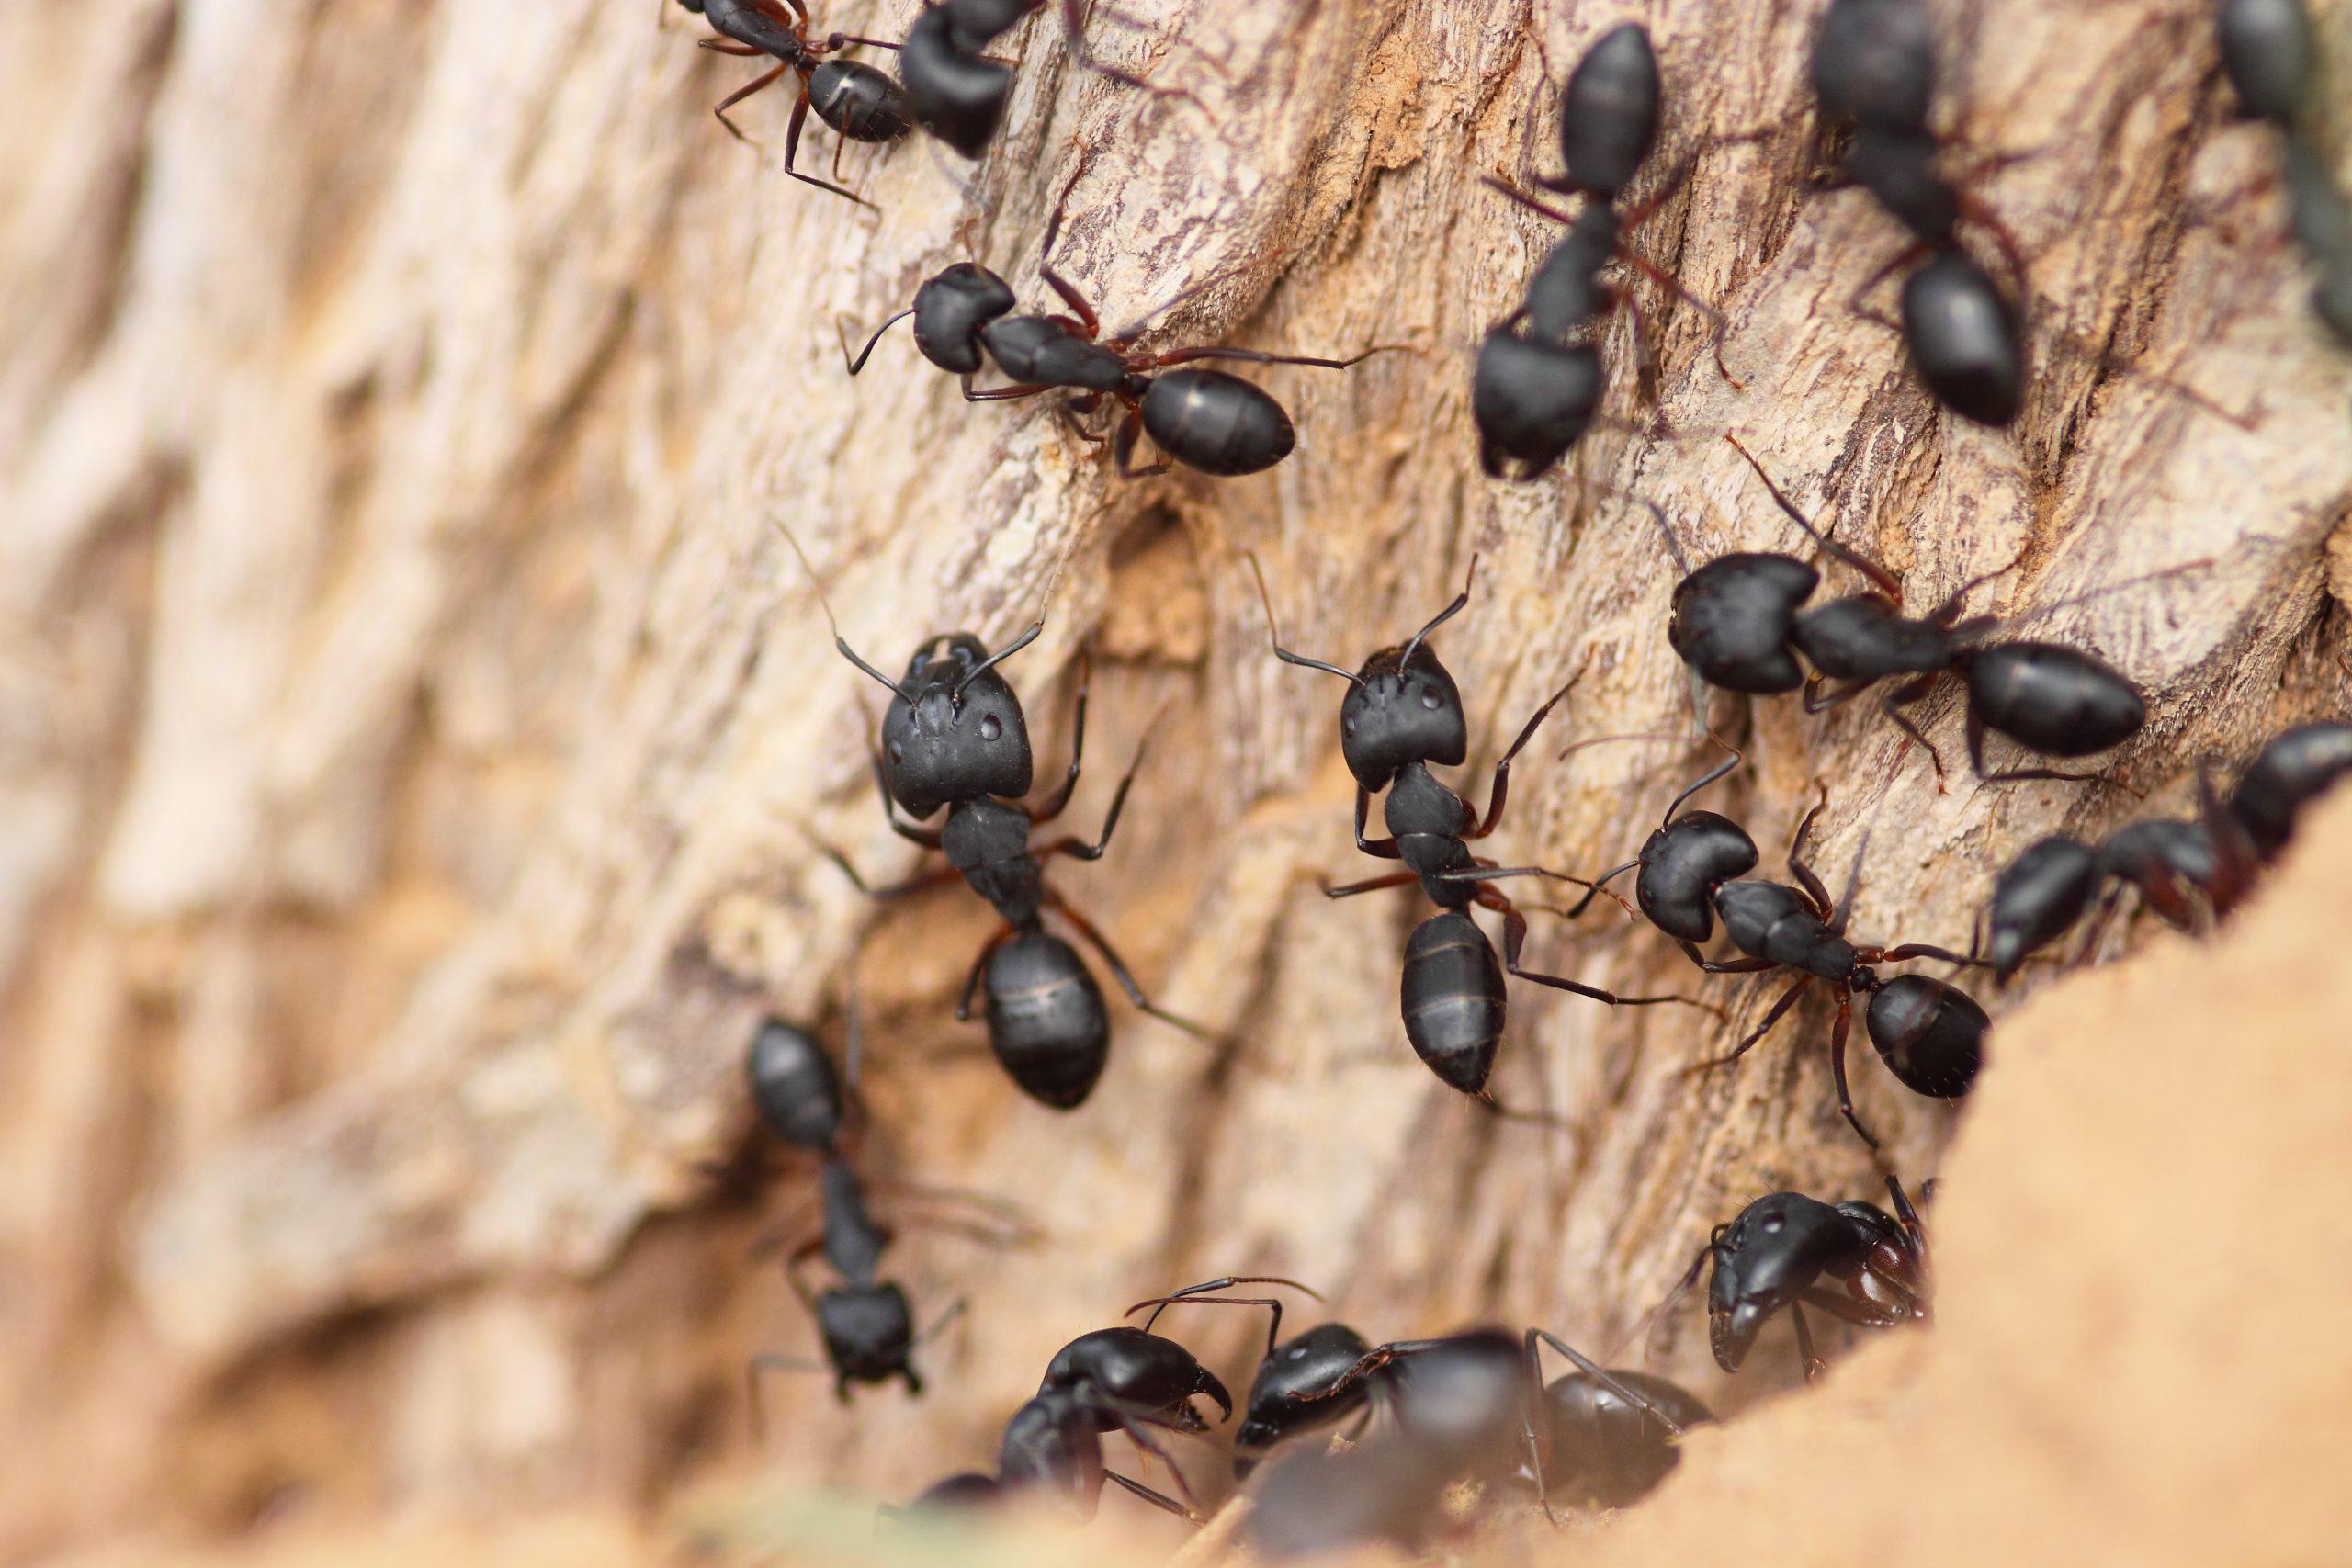 Gros plan sur des fourmis noires